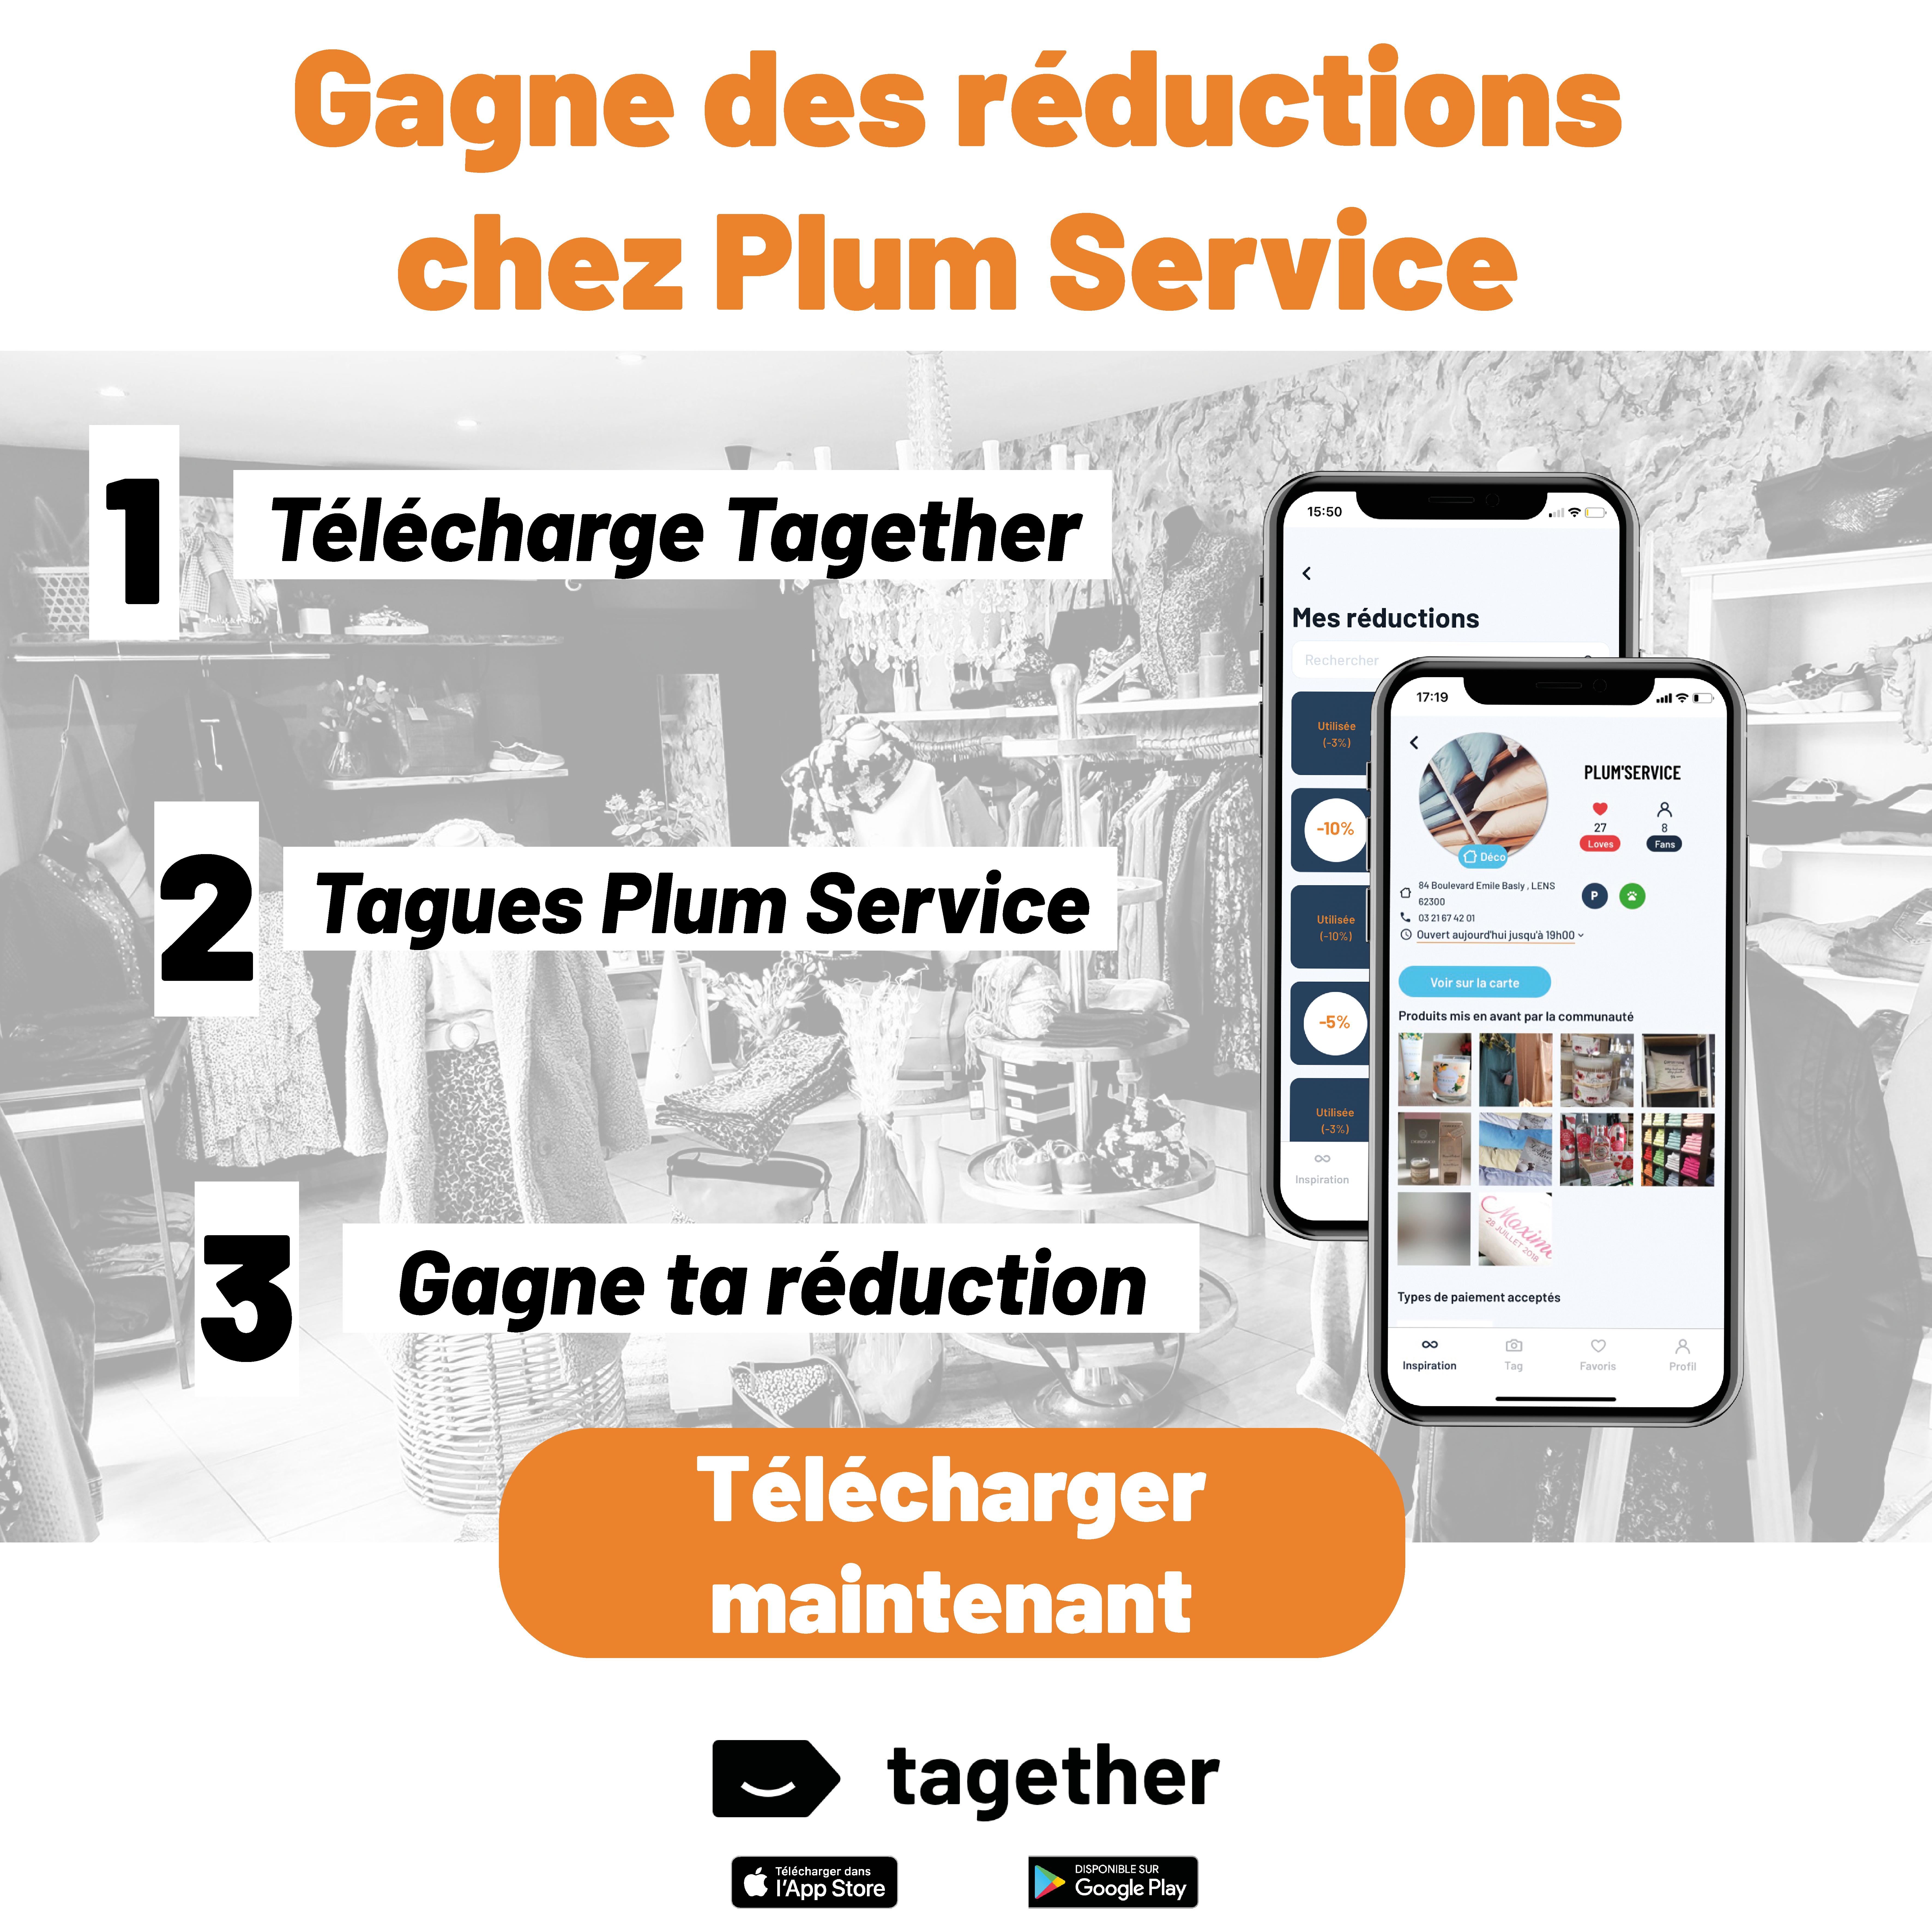 Plum Service